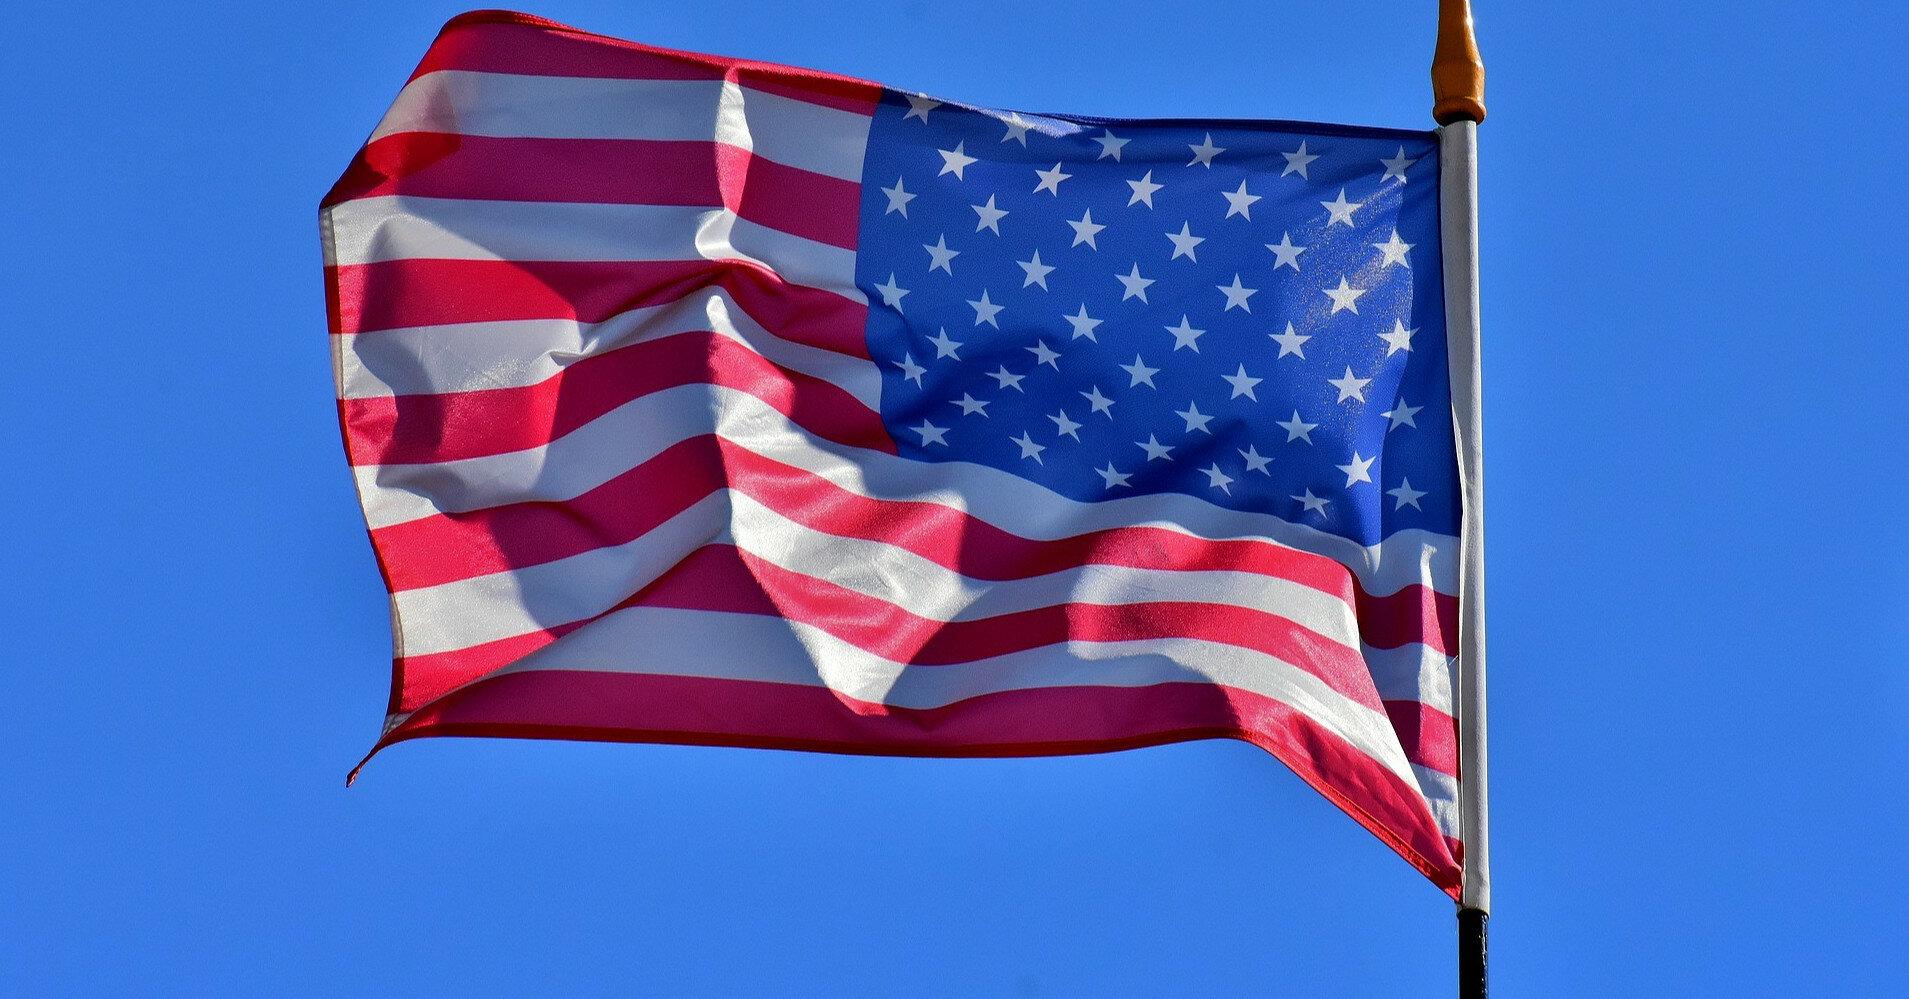 Умер экс-глава Пентагона, руководивший операциями в Ираке